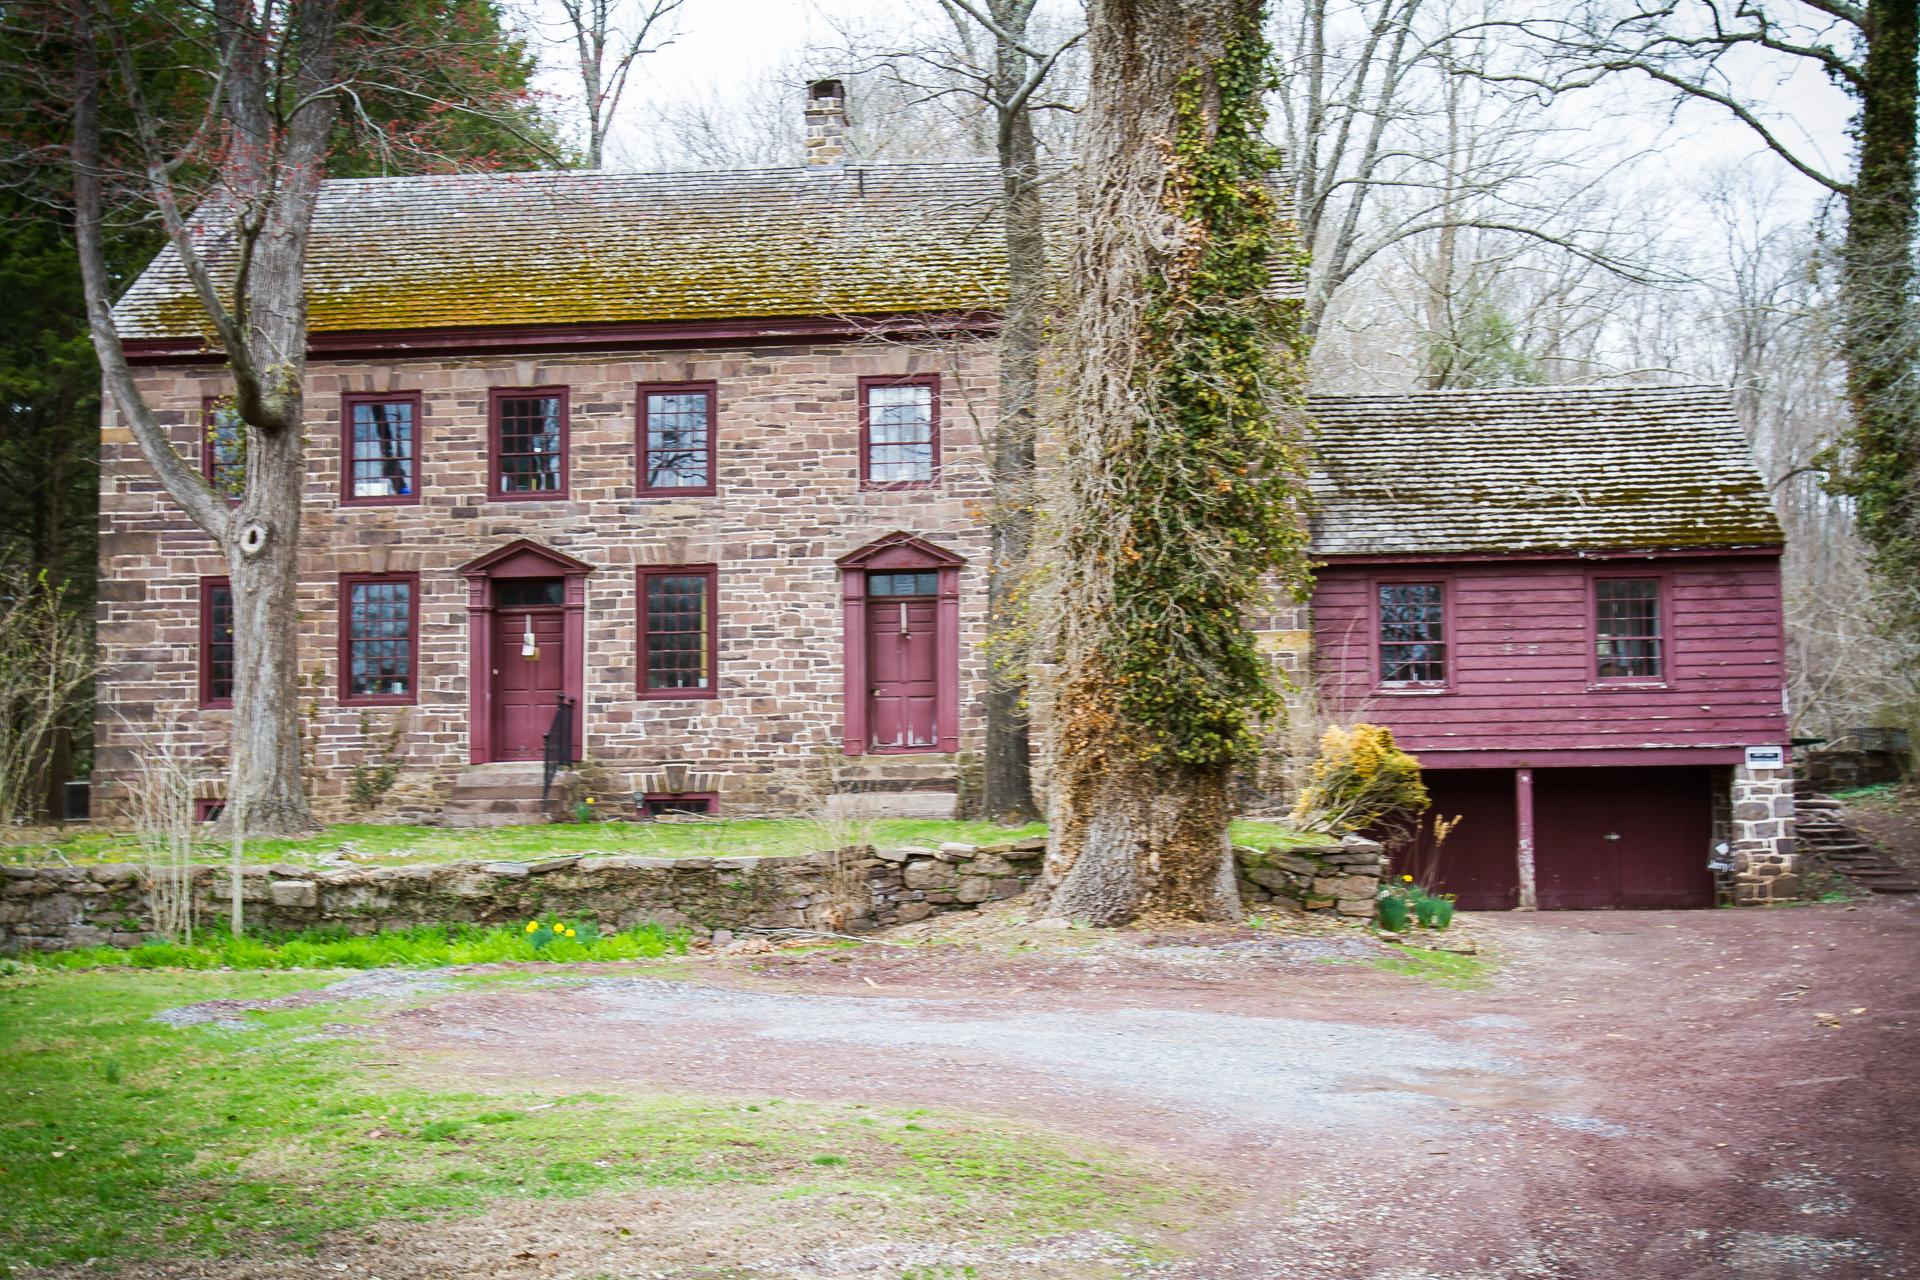 The Prall House - Stockton, NJ